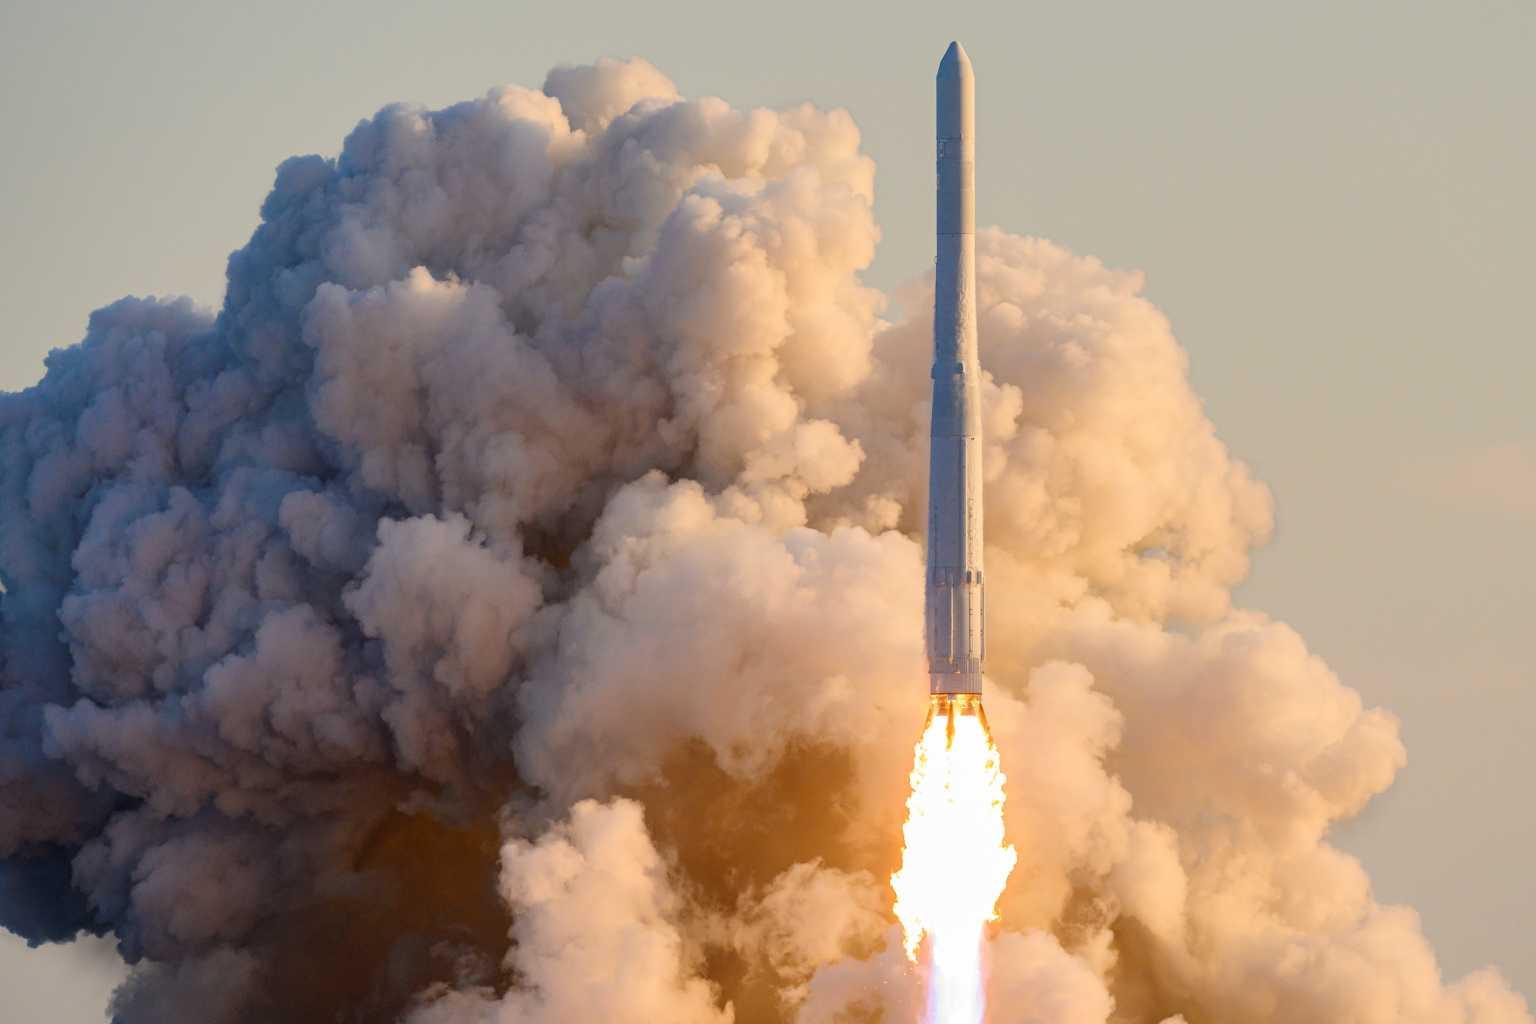 Νότια Κορέα: Εκτόξευσε τον πρώτο πύραυλό της στο διάστημα – Τι δεν πήγε καλά